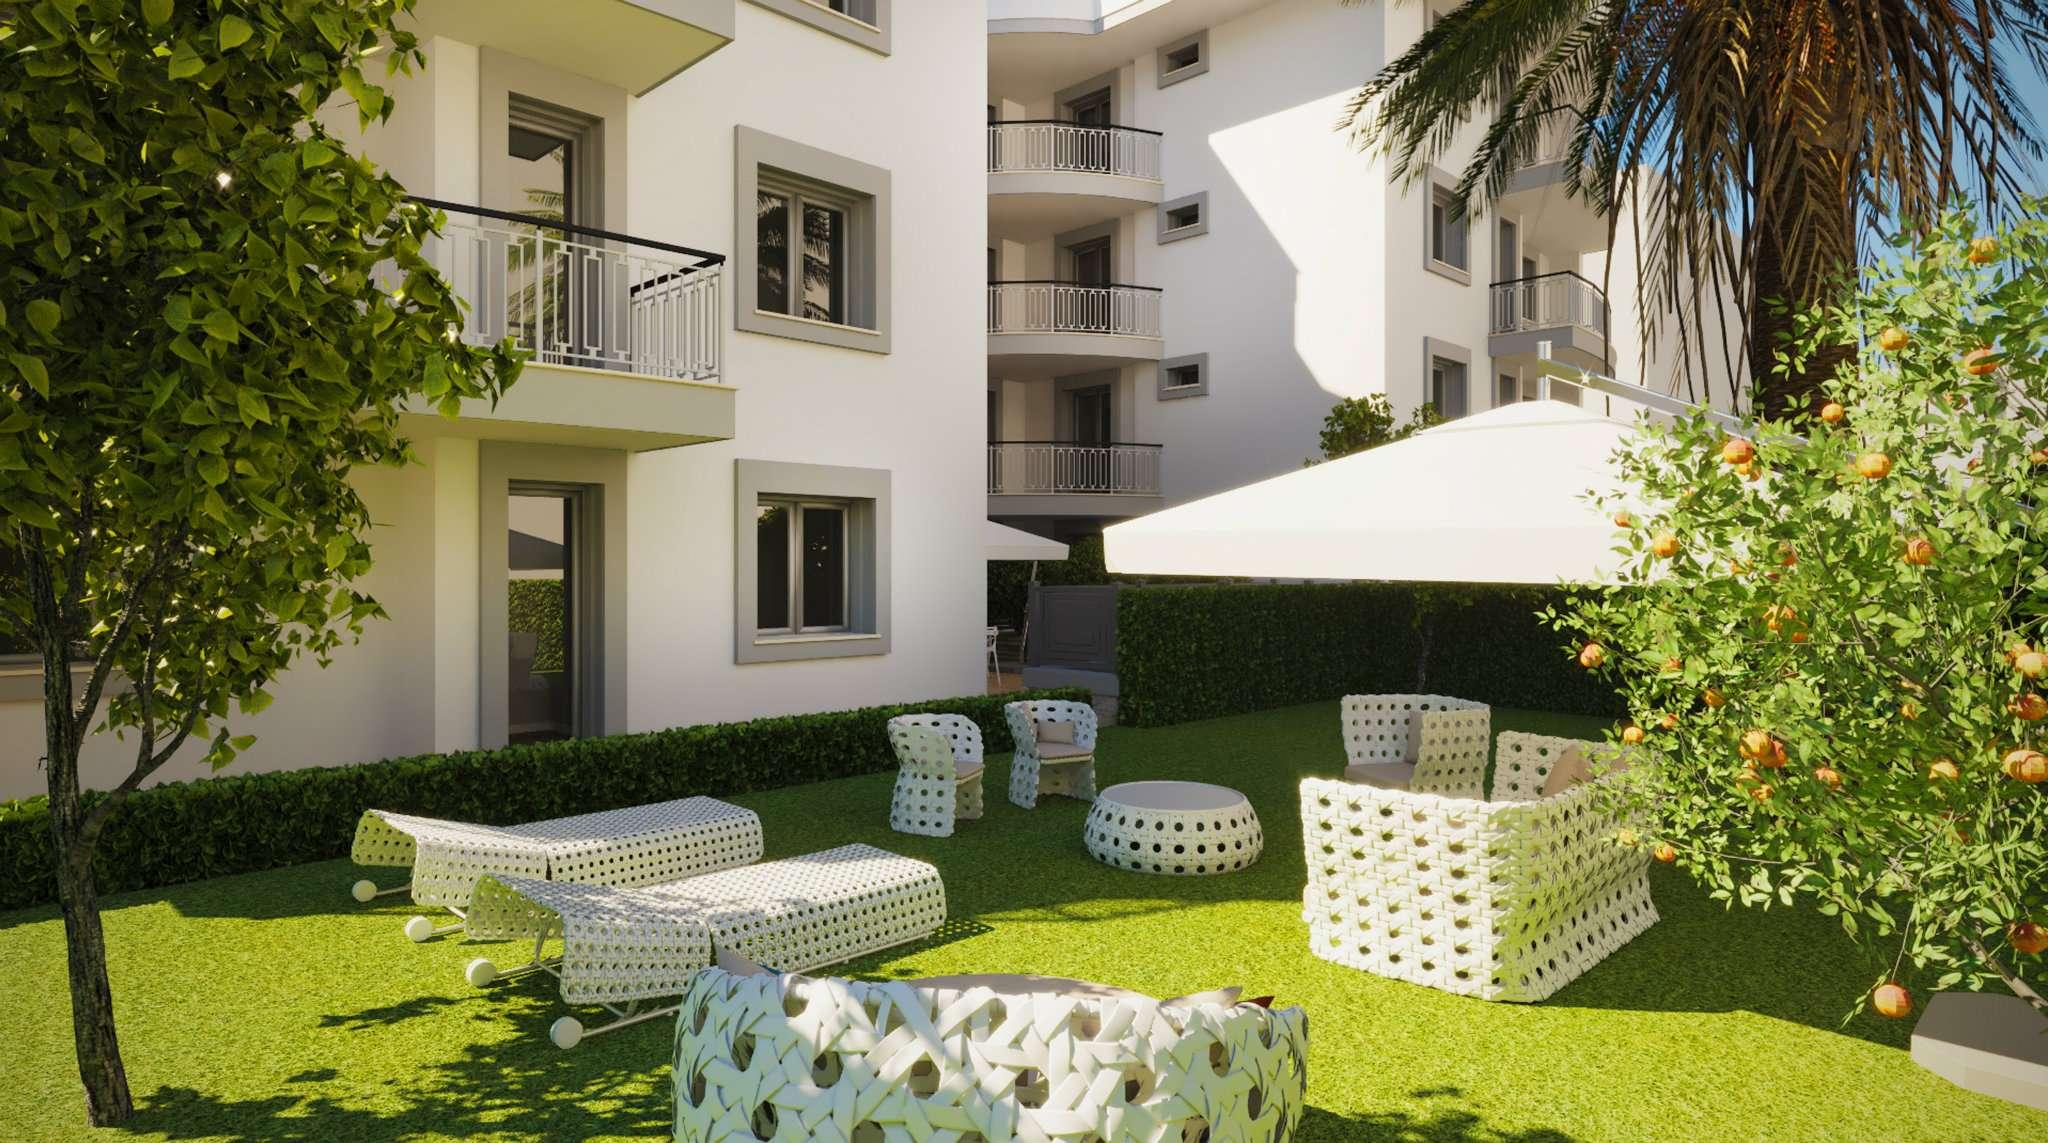 Appartamento in vendita a Taranto, 4 locali, Trattative riservate | CambioCasa.it